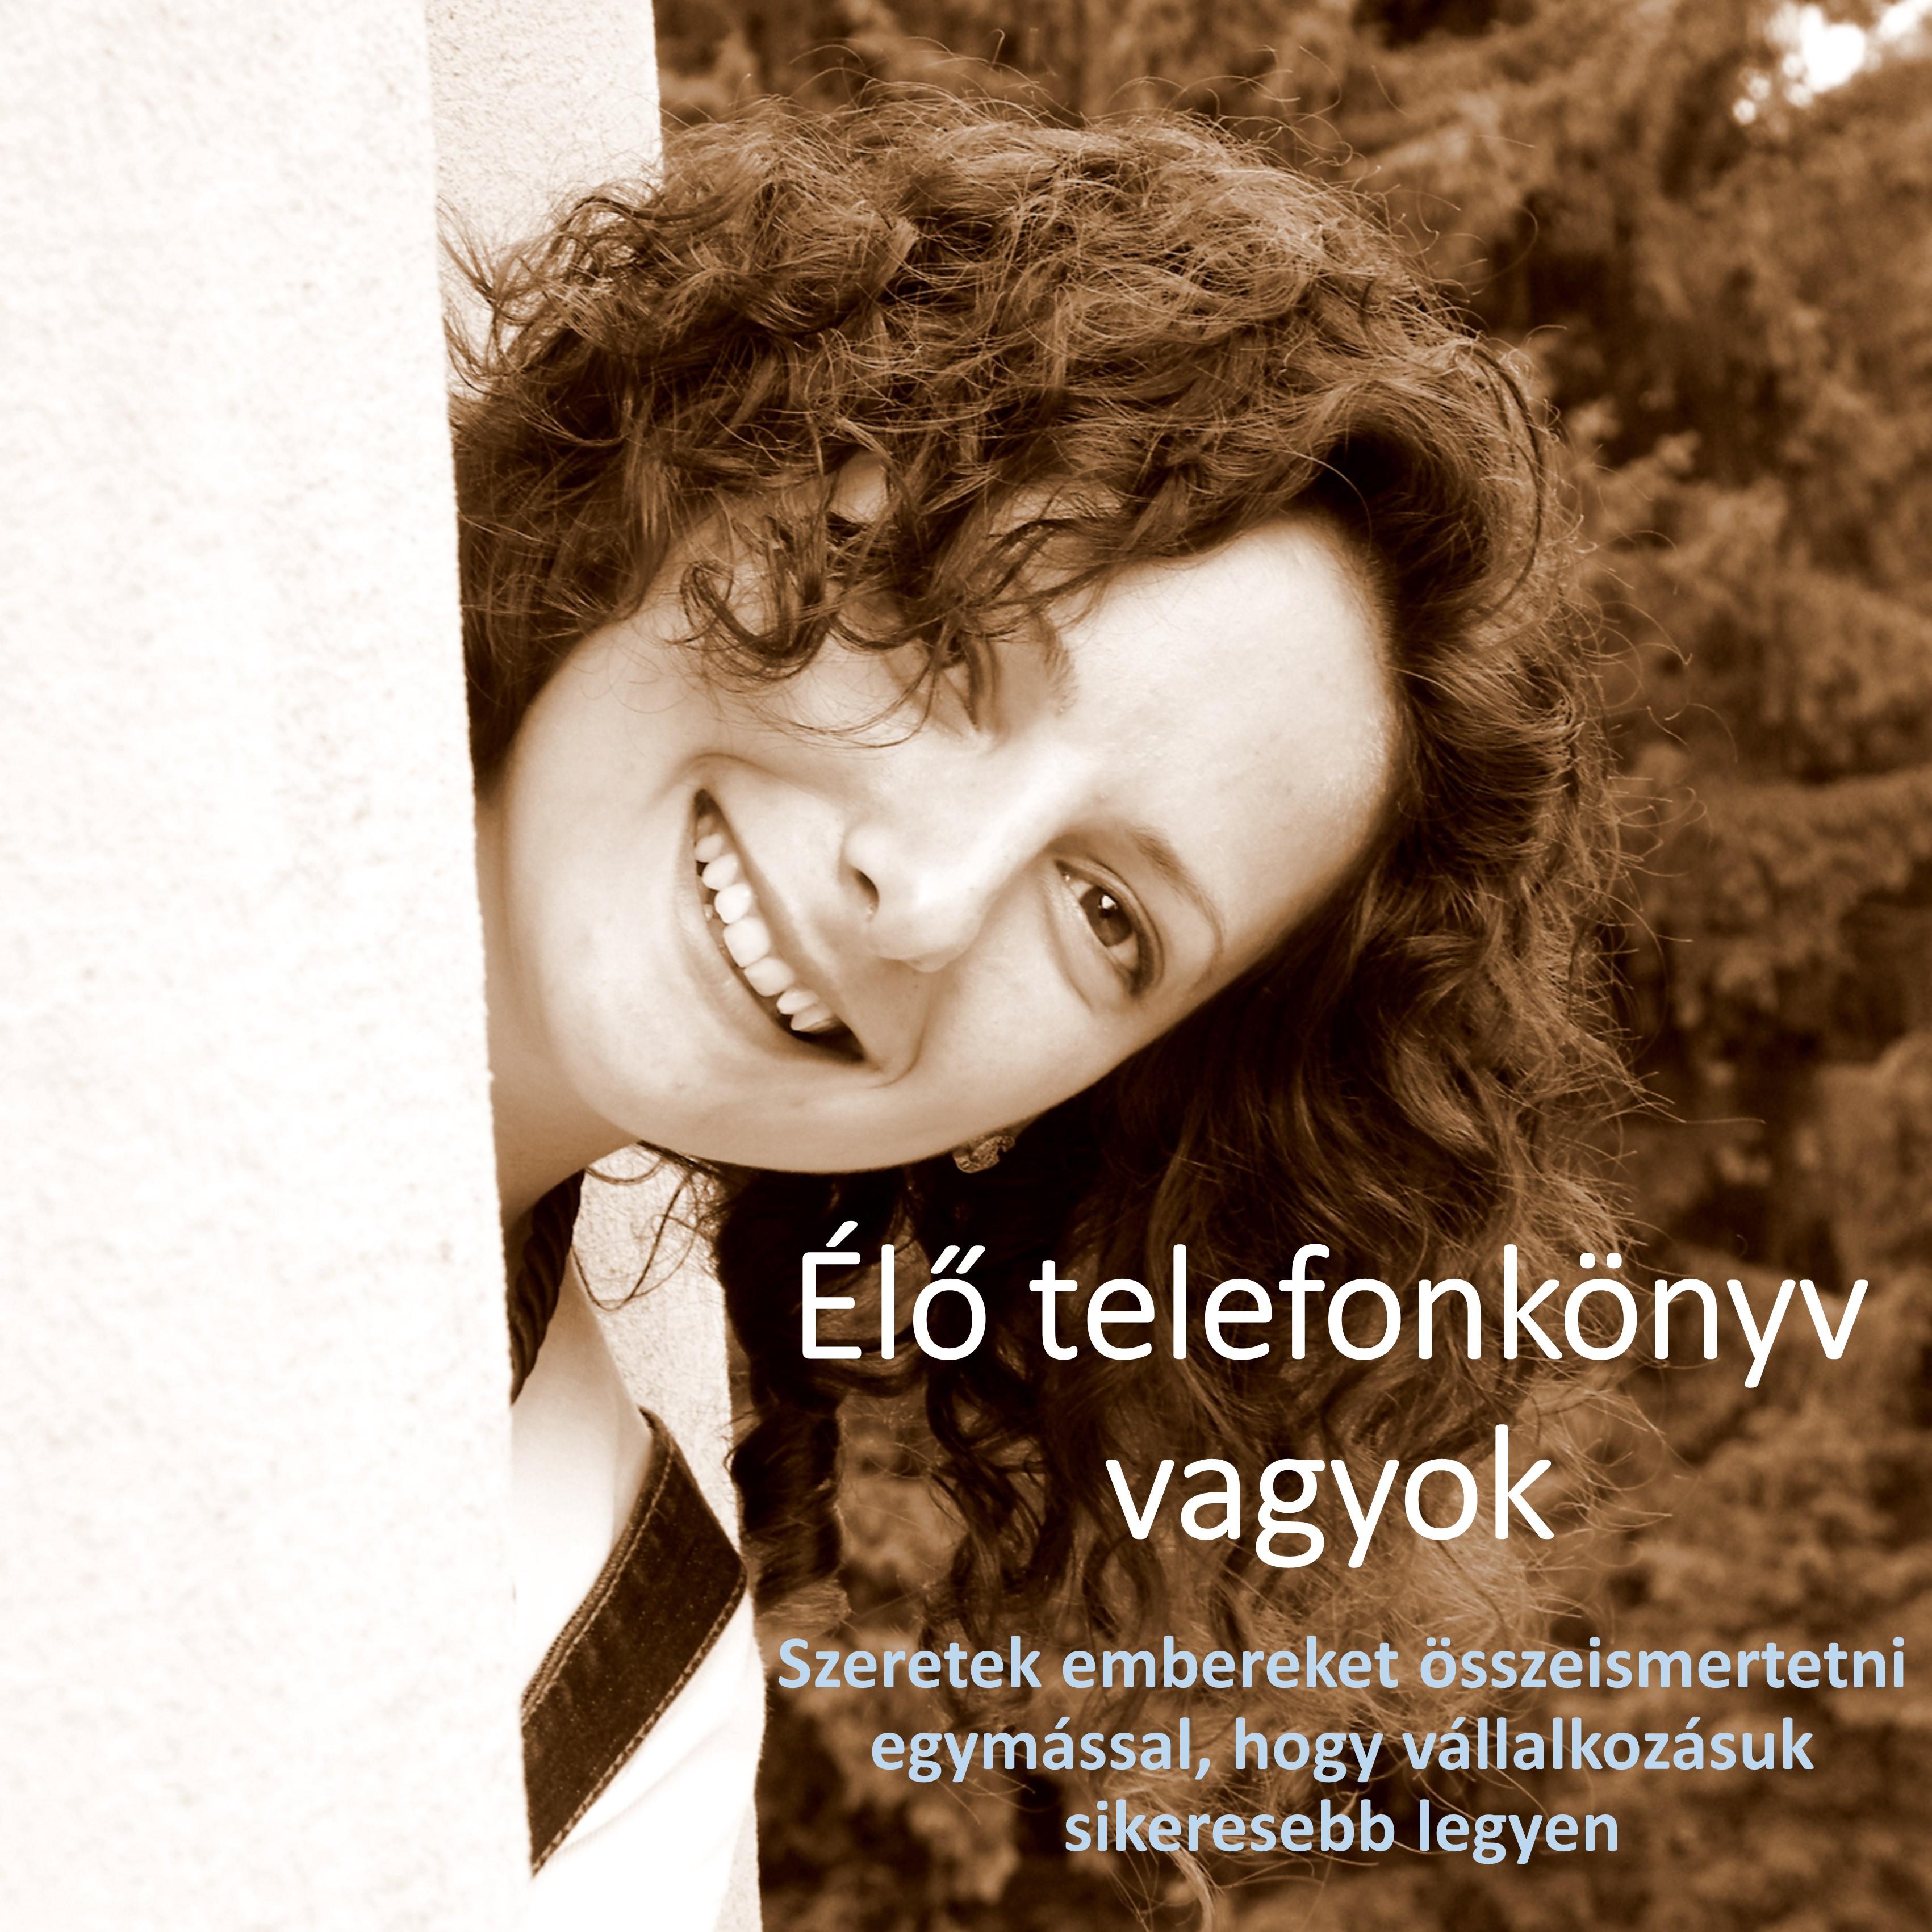 elo_telefonkonyv_vagyok.jpg